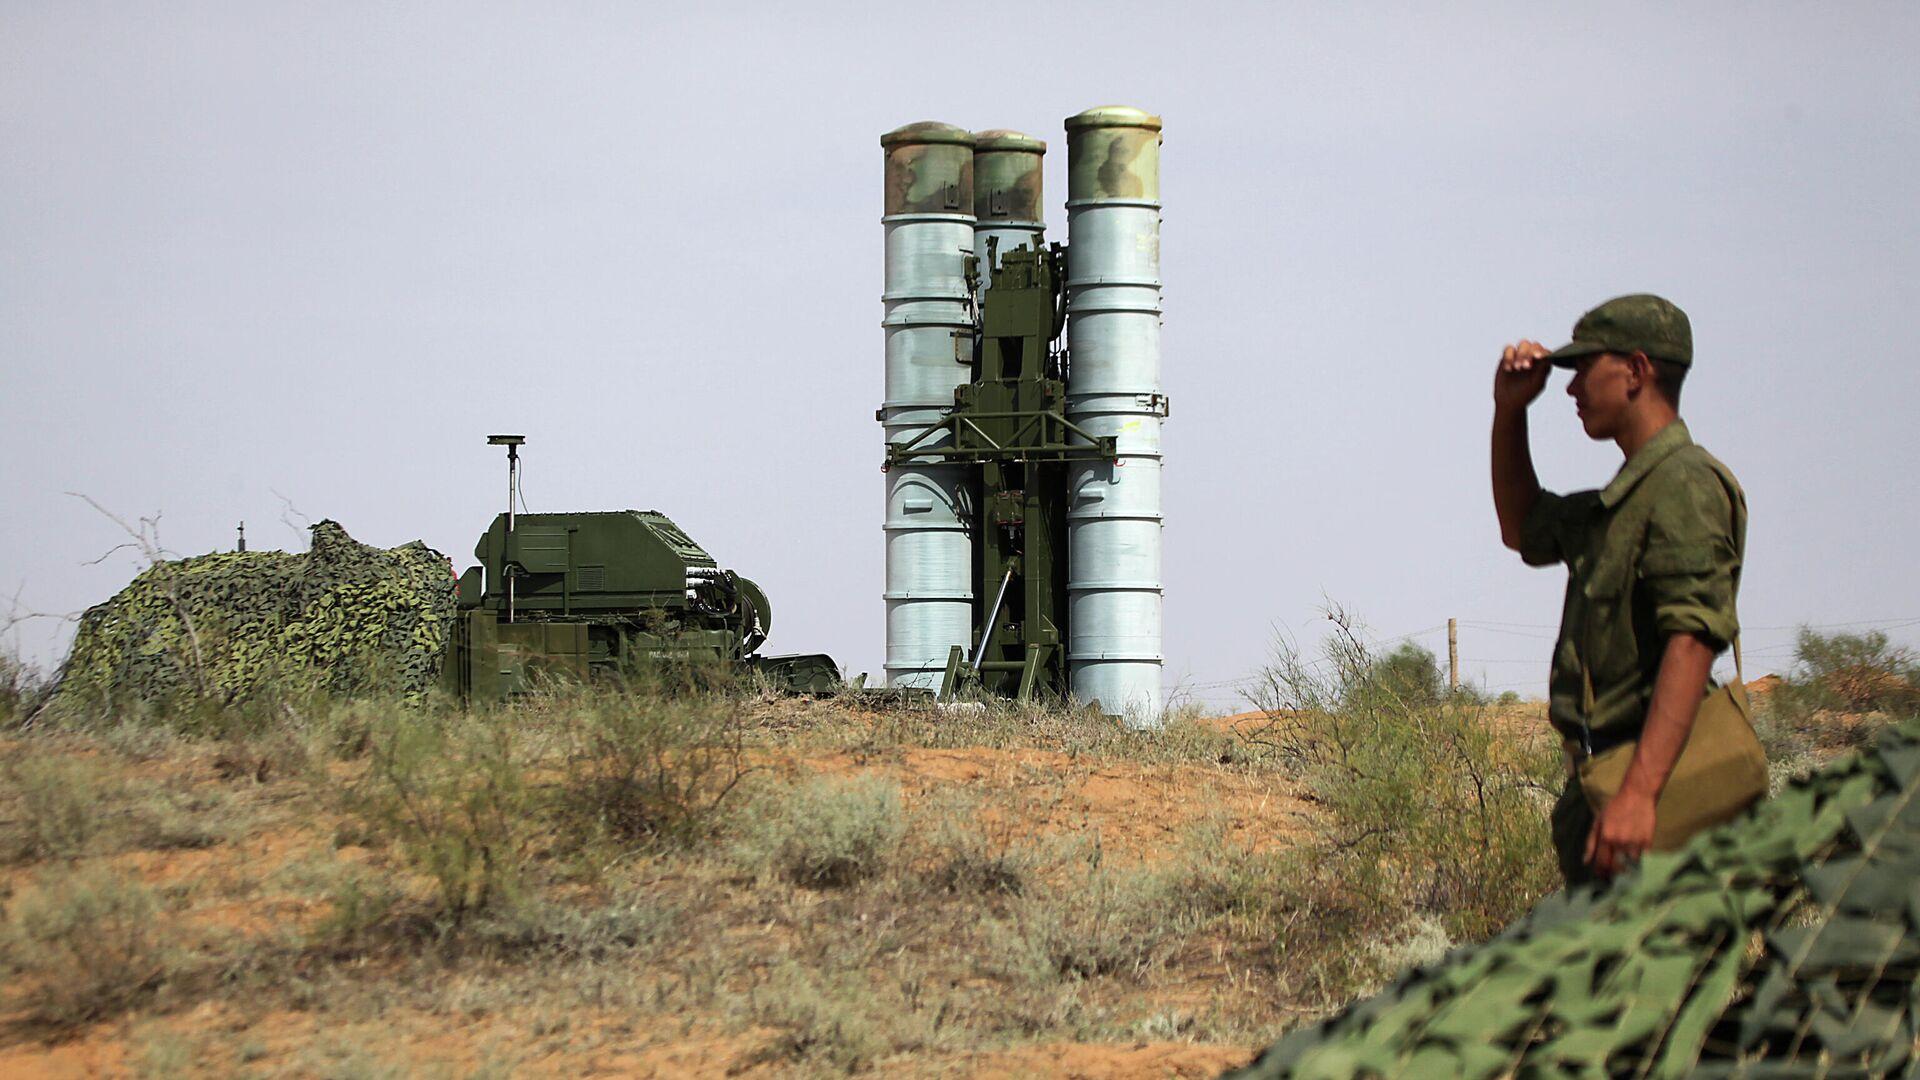 Подготовка к стрельбам зенитных ракетных систем С-400 Триумф на полигоне Ашулук  - РИА Новости, 1920, 27.04.2021